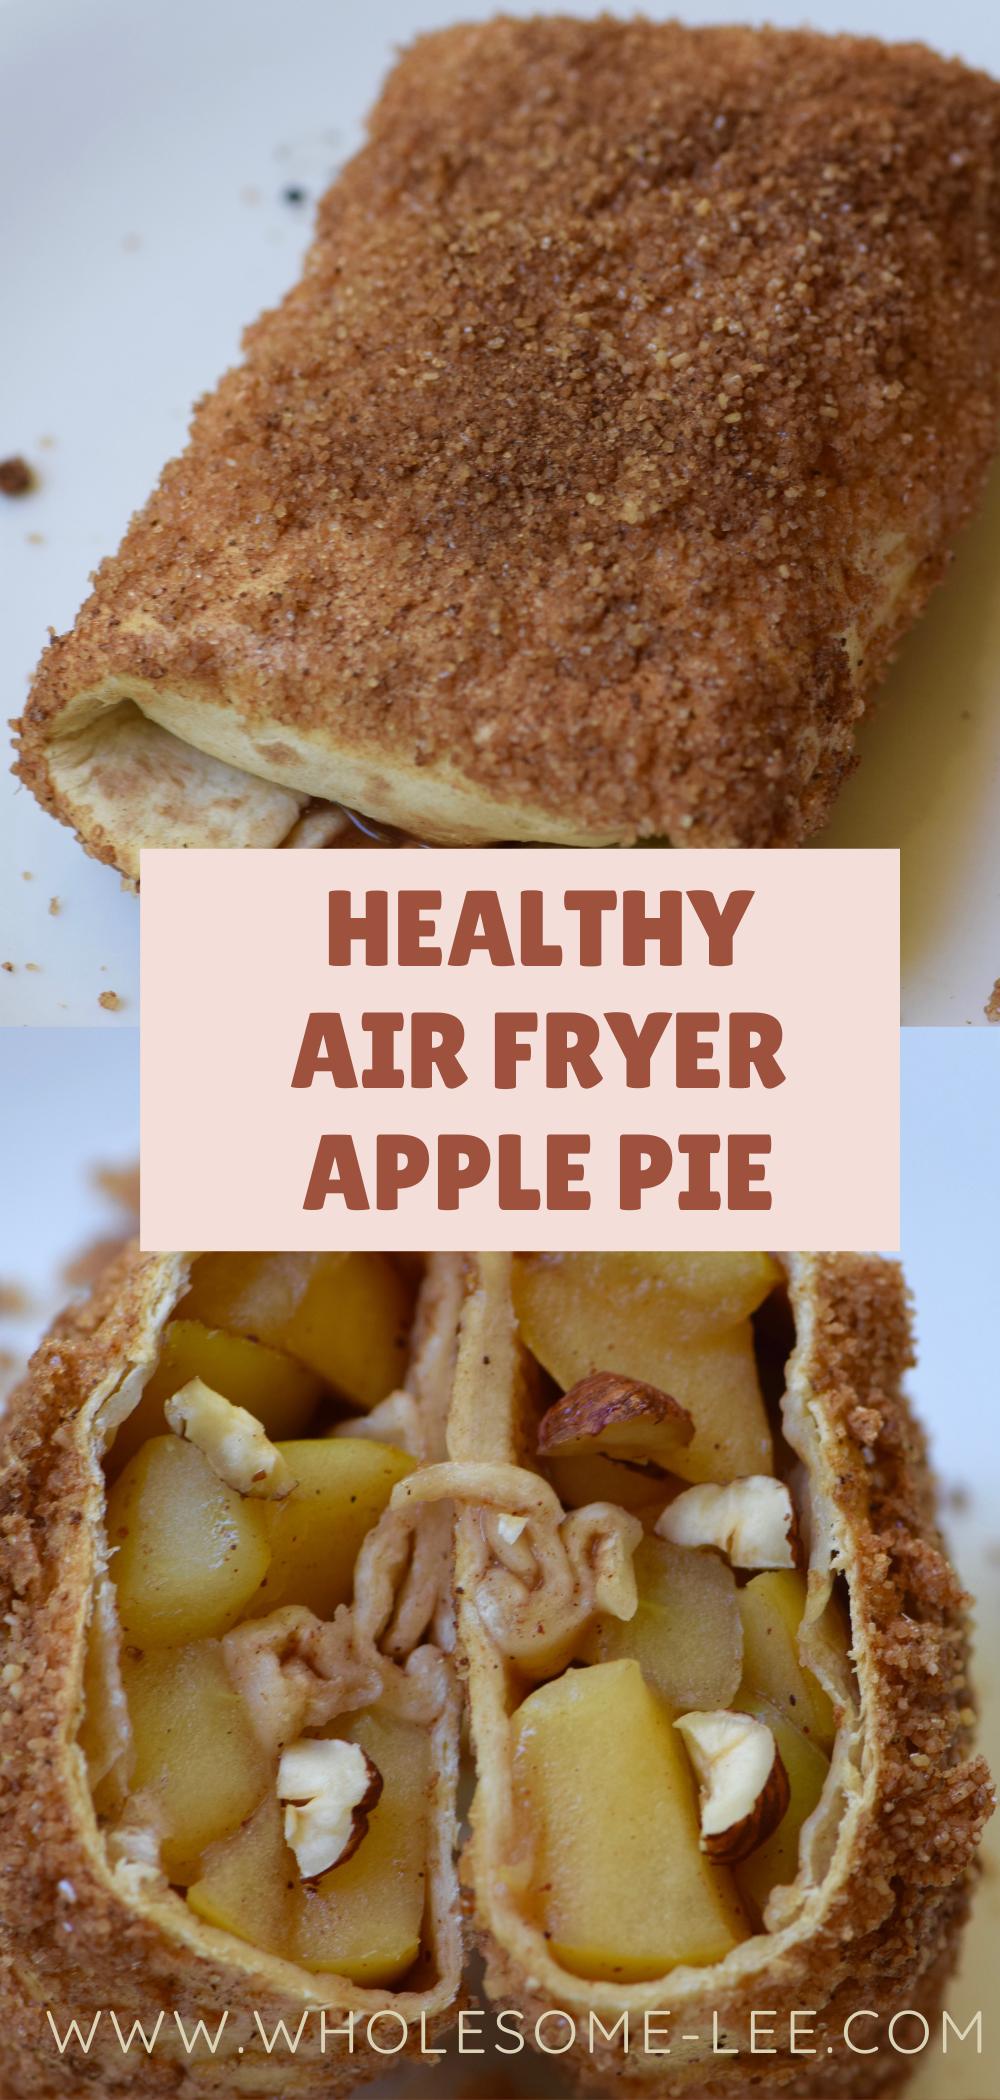 Healthy air fryer apple pie